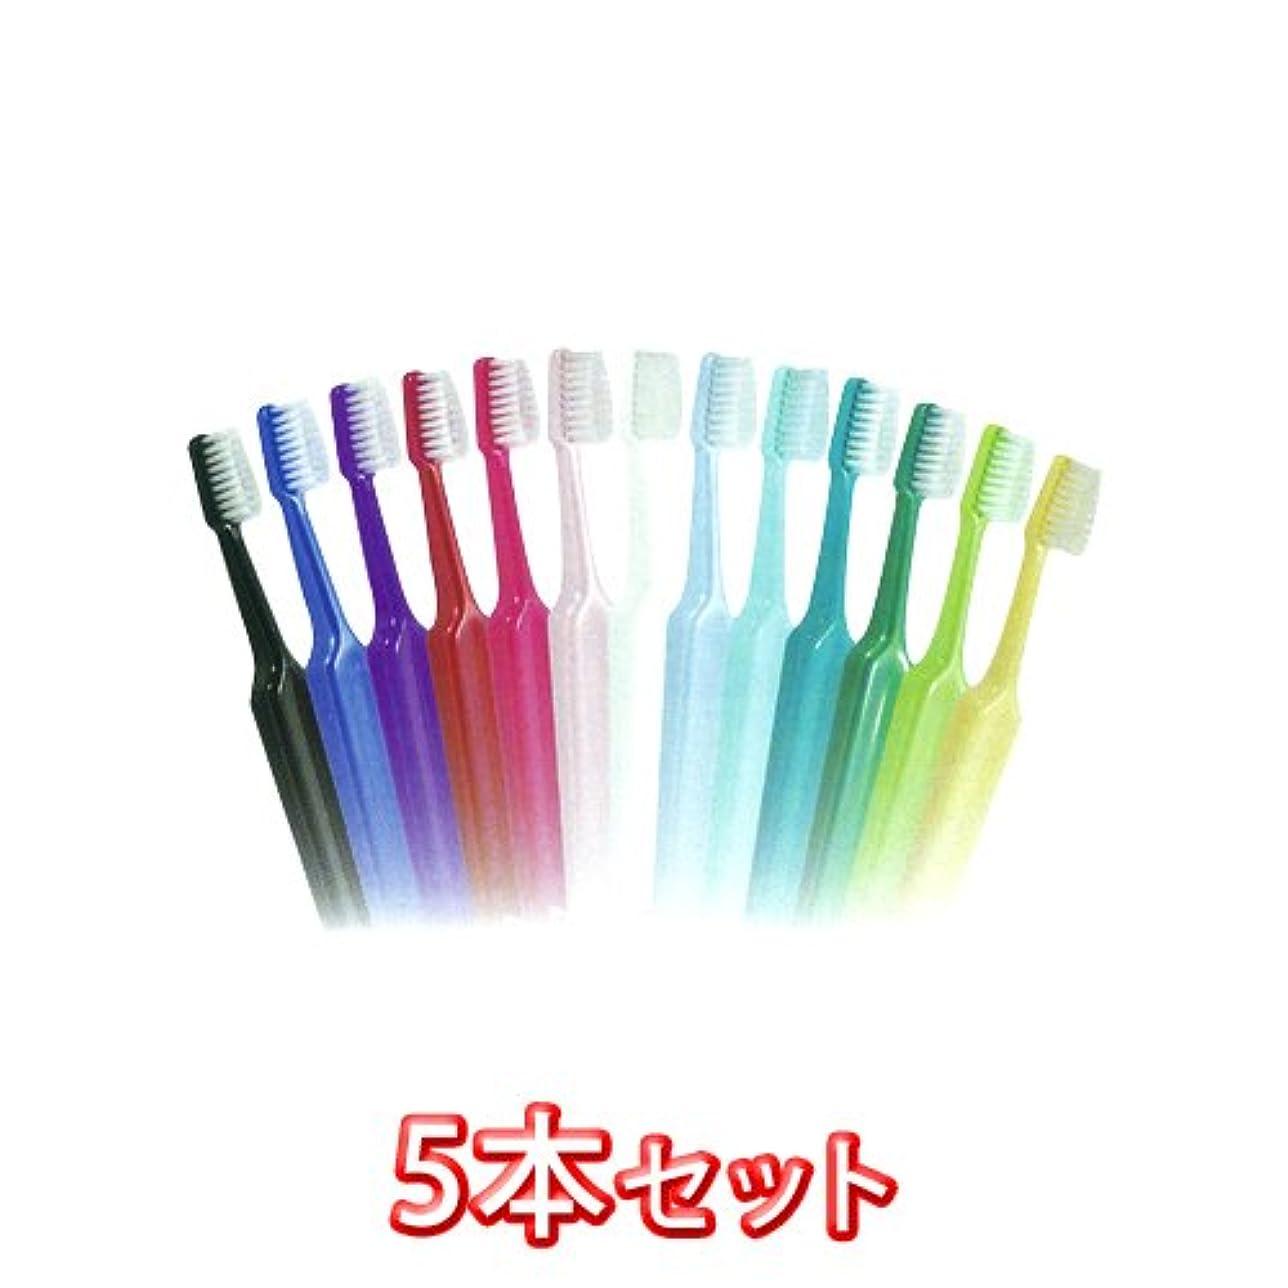 想像力豊かな承認刈り取るクロスフィールド TePe テペ セレクトミニ 歯ブラシ× 5本入 ソフト